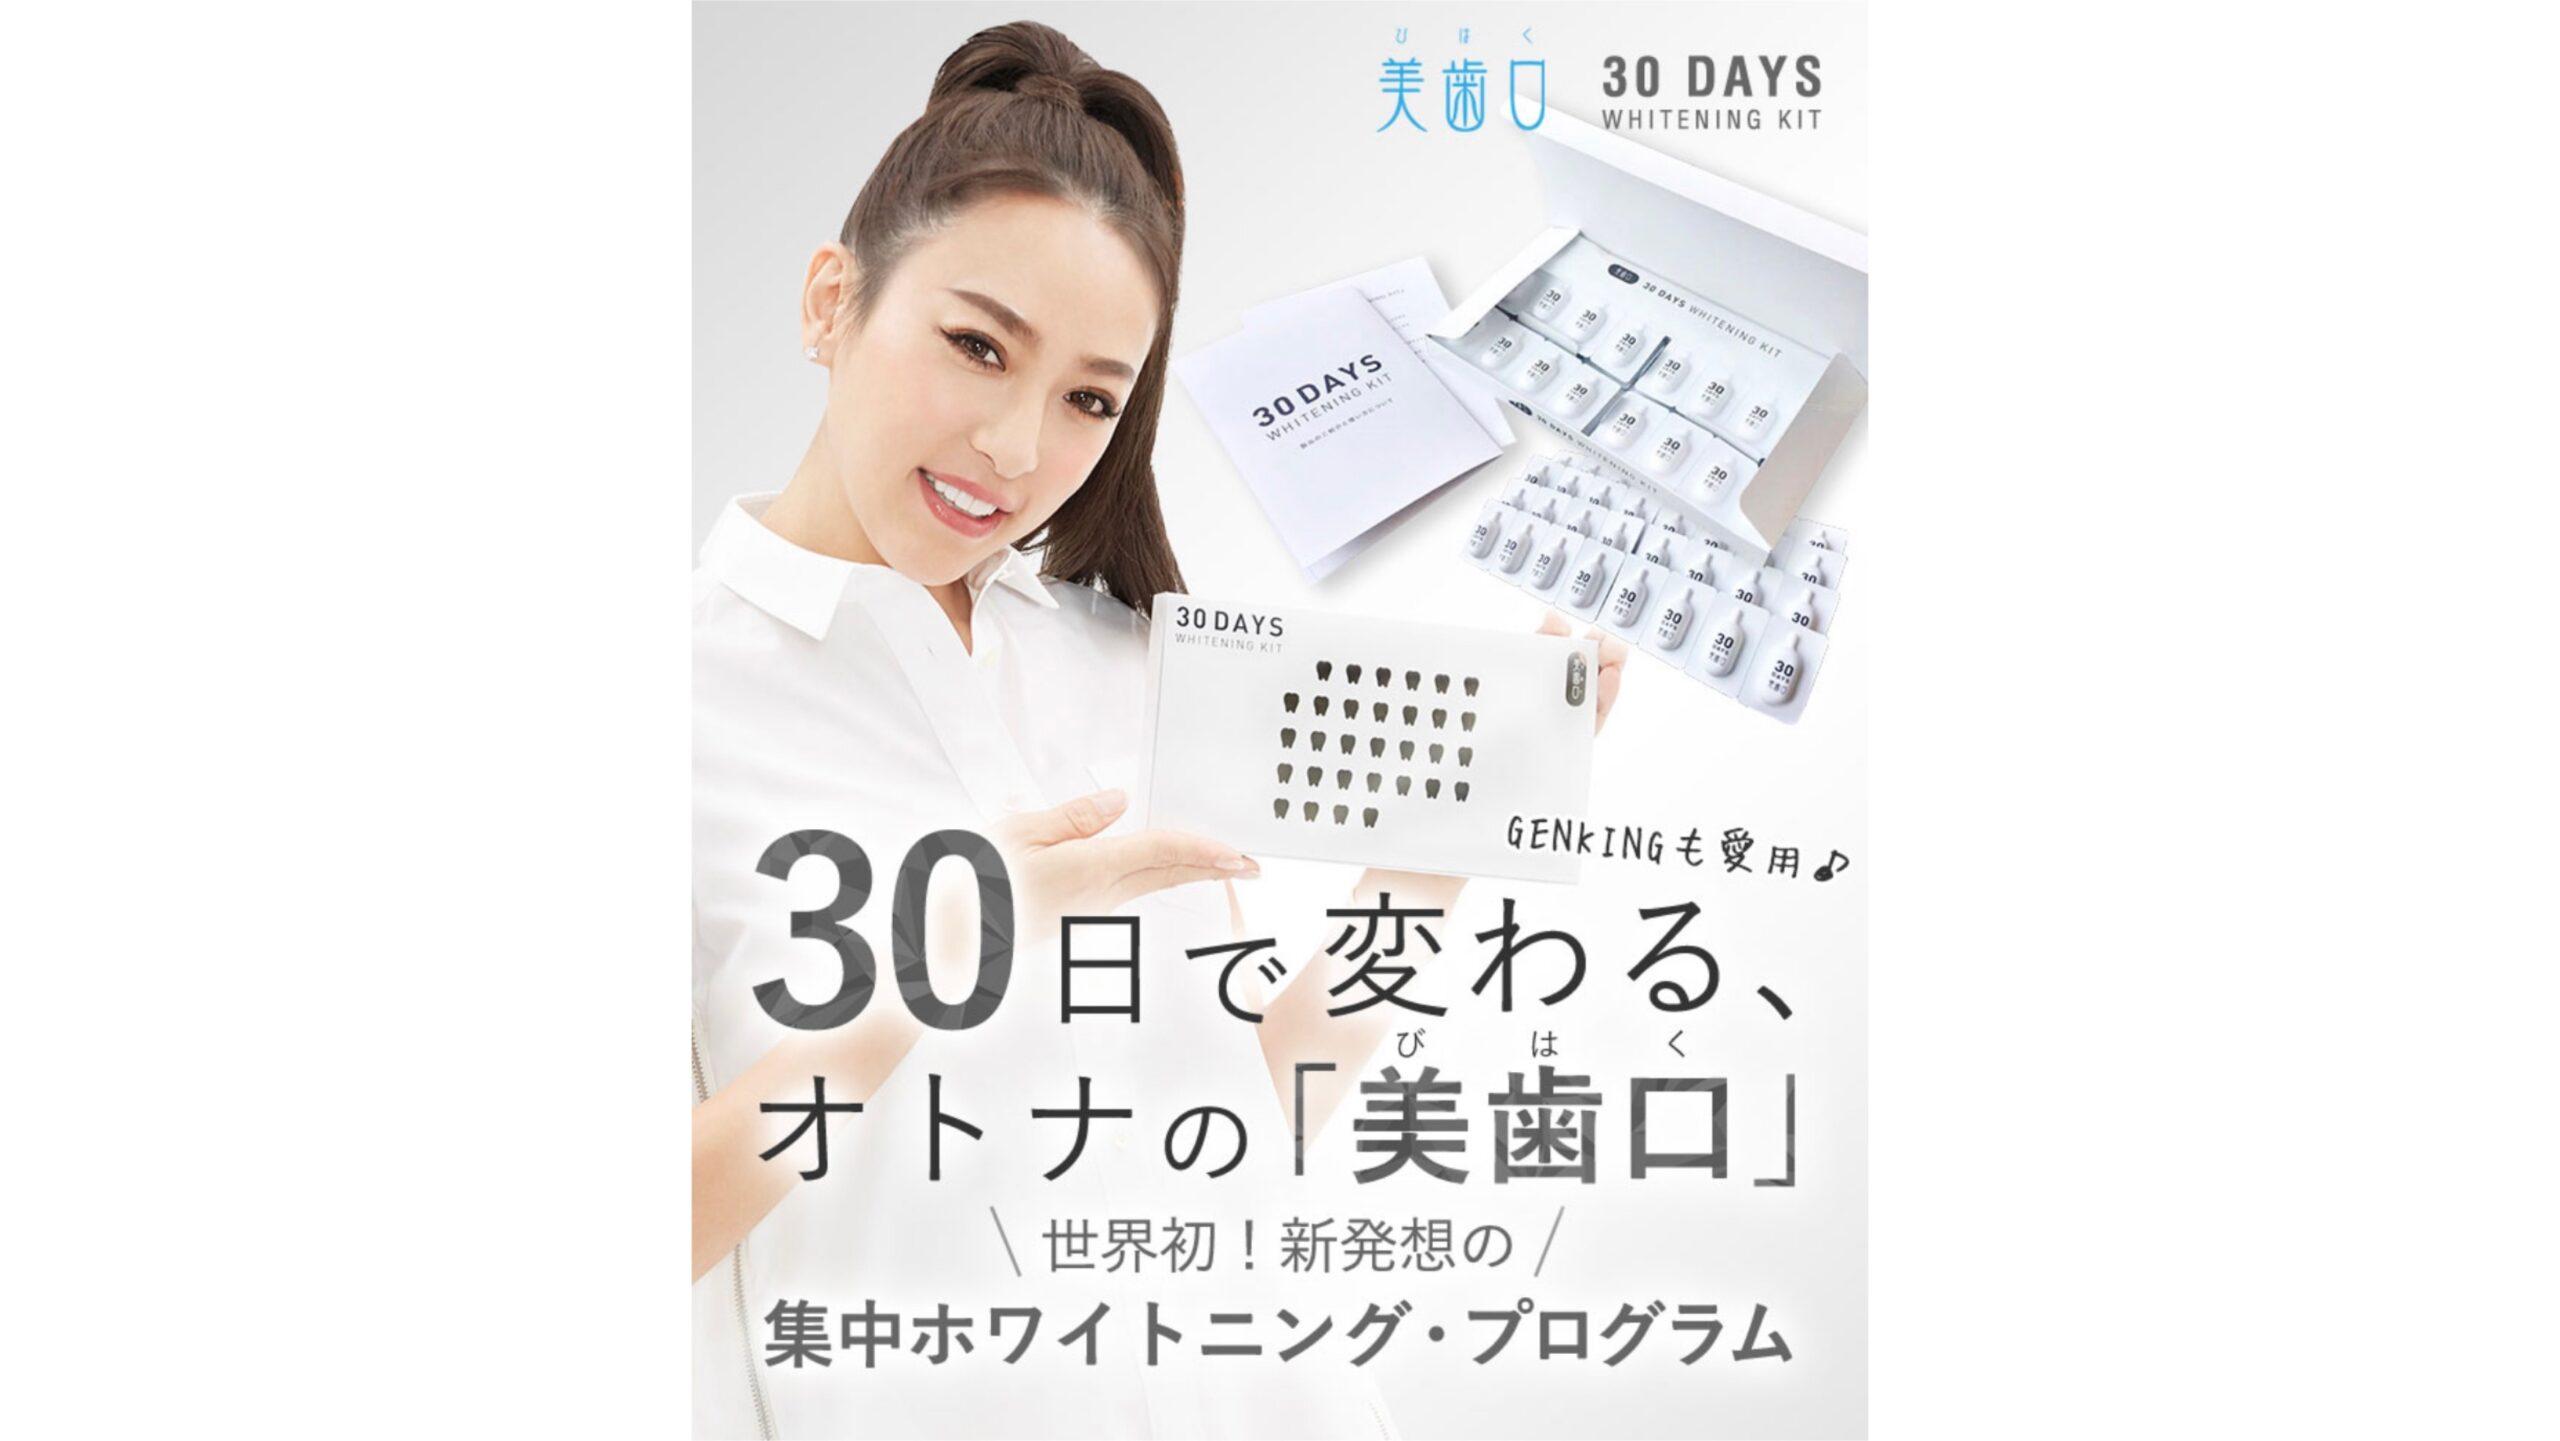 「美歯口 30DAYS WHITENING KIT」販売開始!